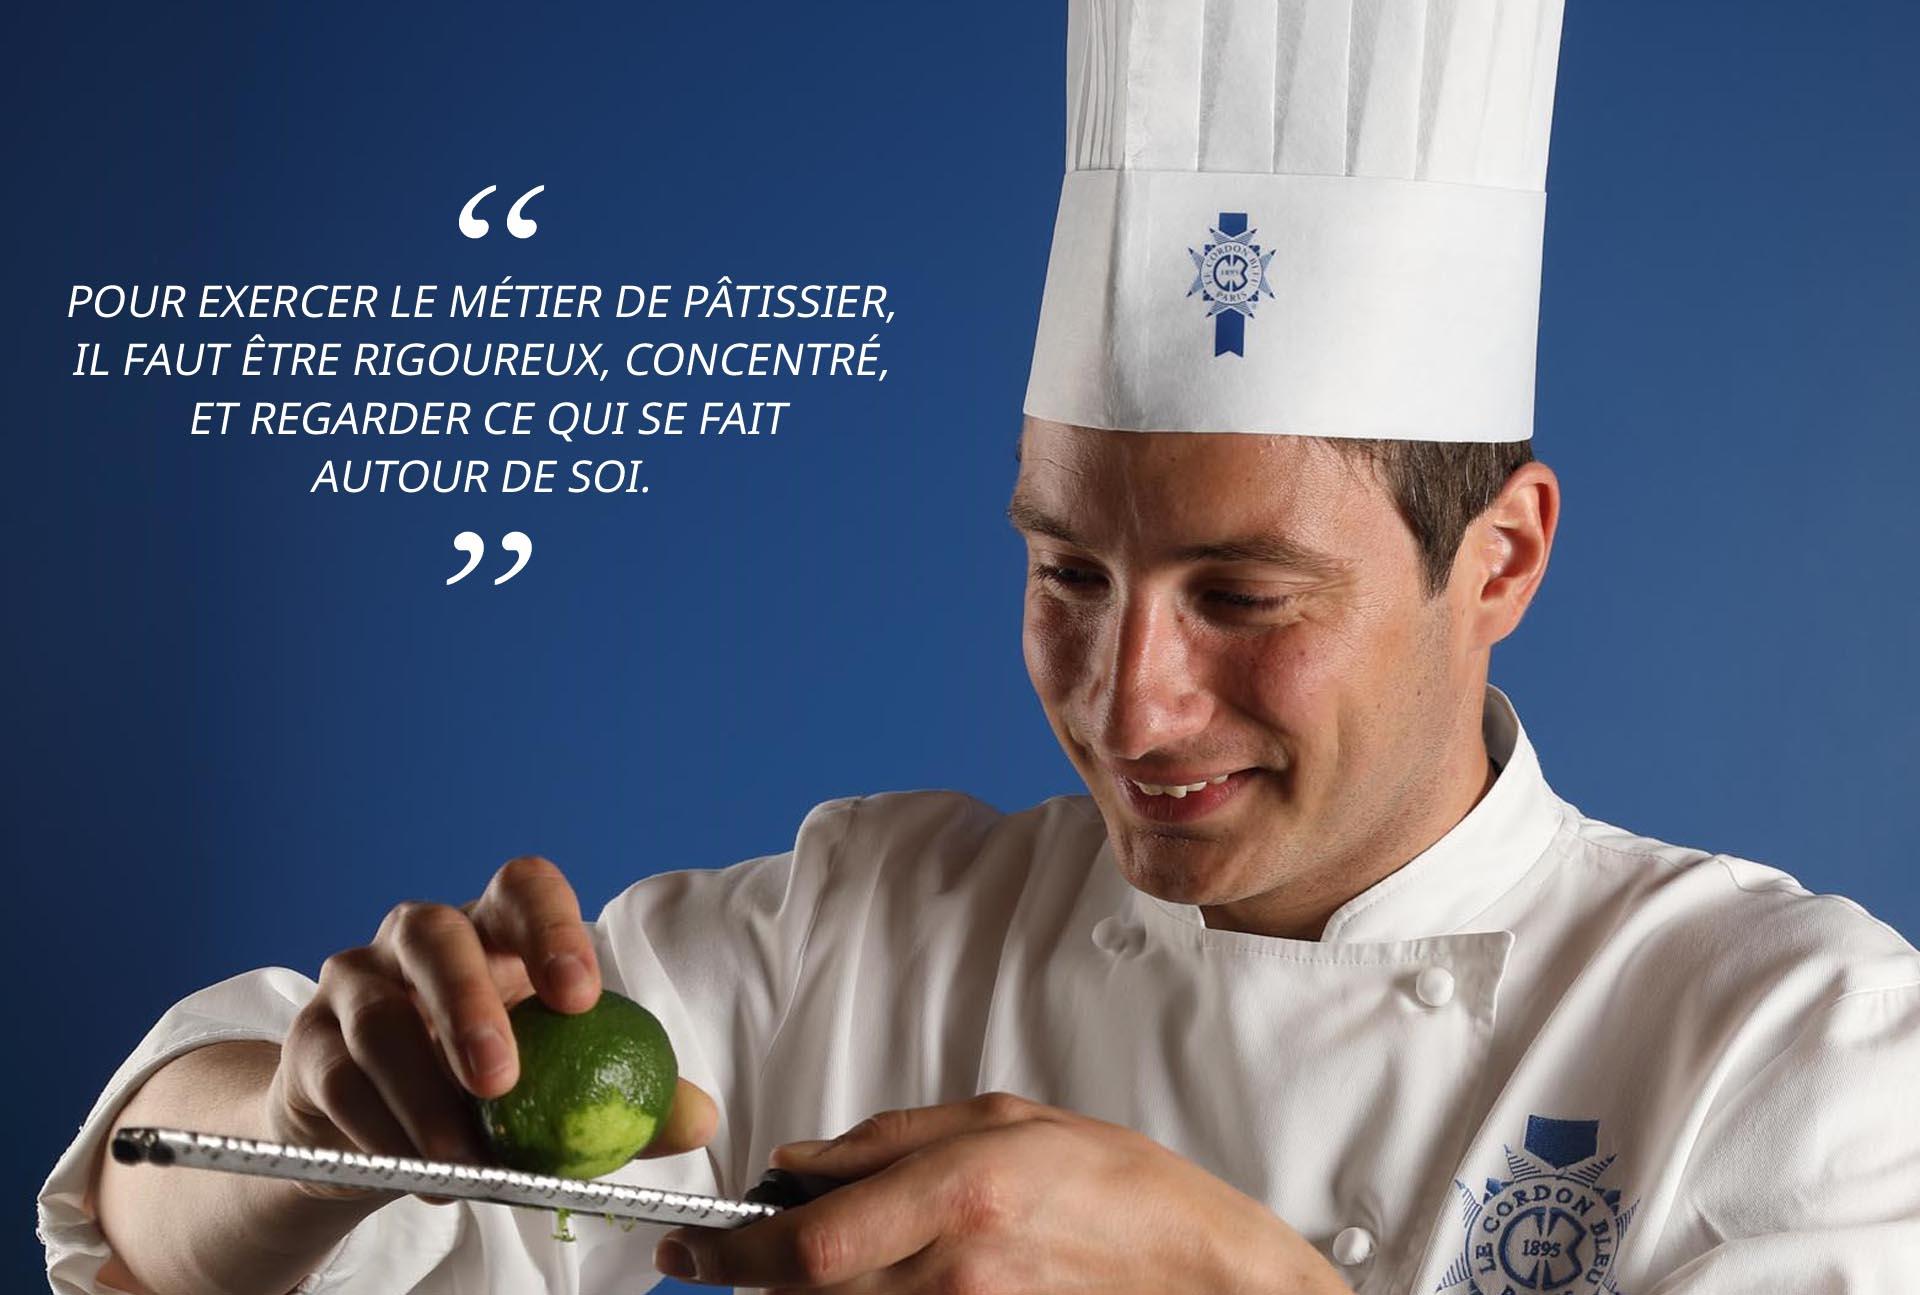 Chef de pâtisserie Vincent Valton*